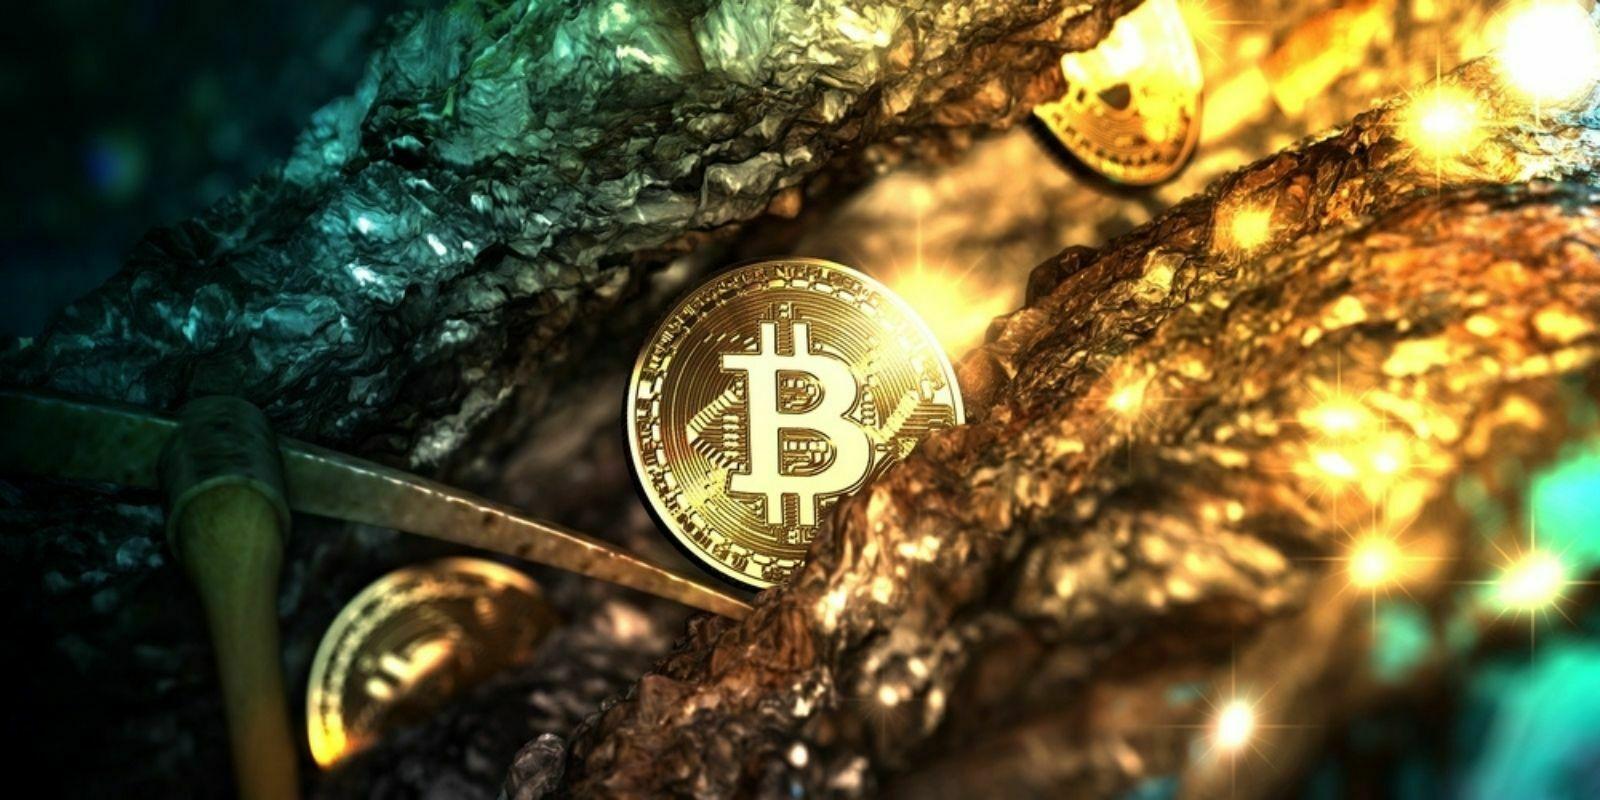 La difficulté de mining de Bitcoin (BTC) approche son plus haut niveau – Bon ou mauvais?